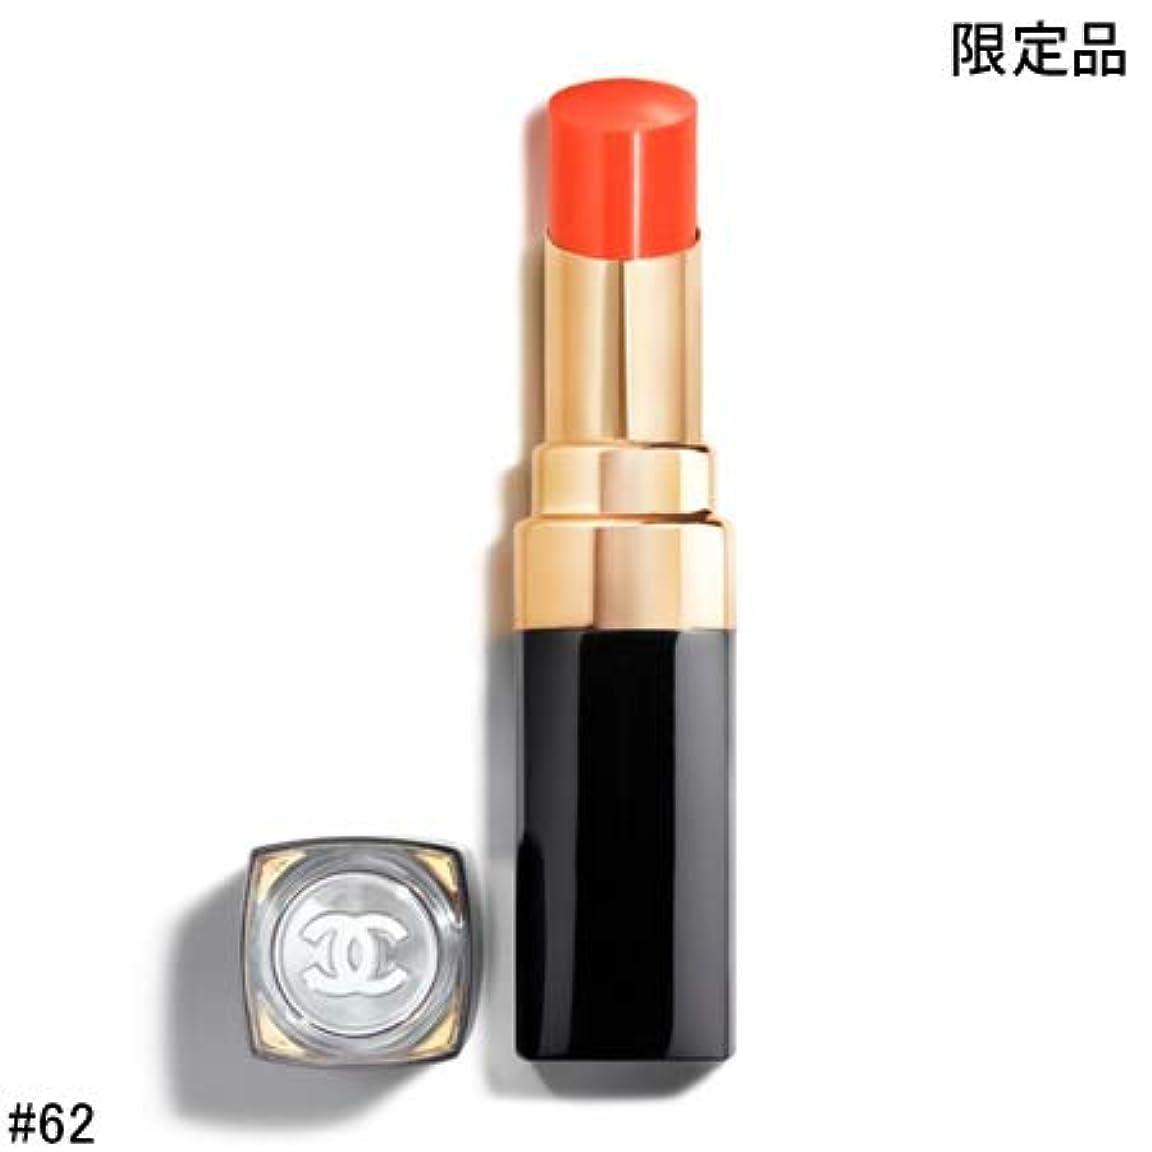 軽く植生たっぷりシャネル ルージュ ココ フラッシュ #62 ファイヤー 限定色 -CHANEL-